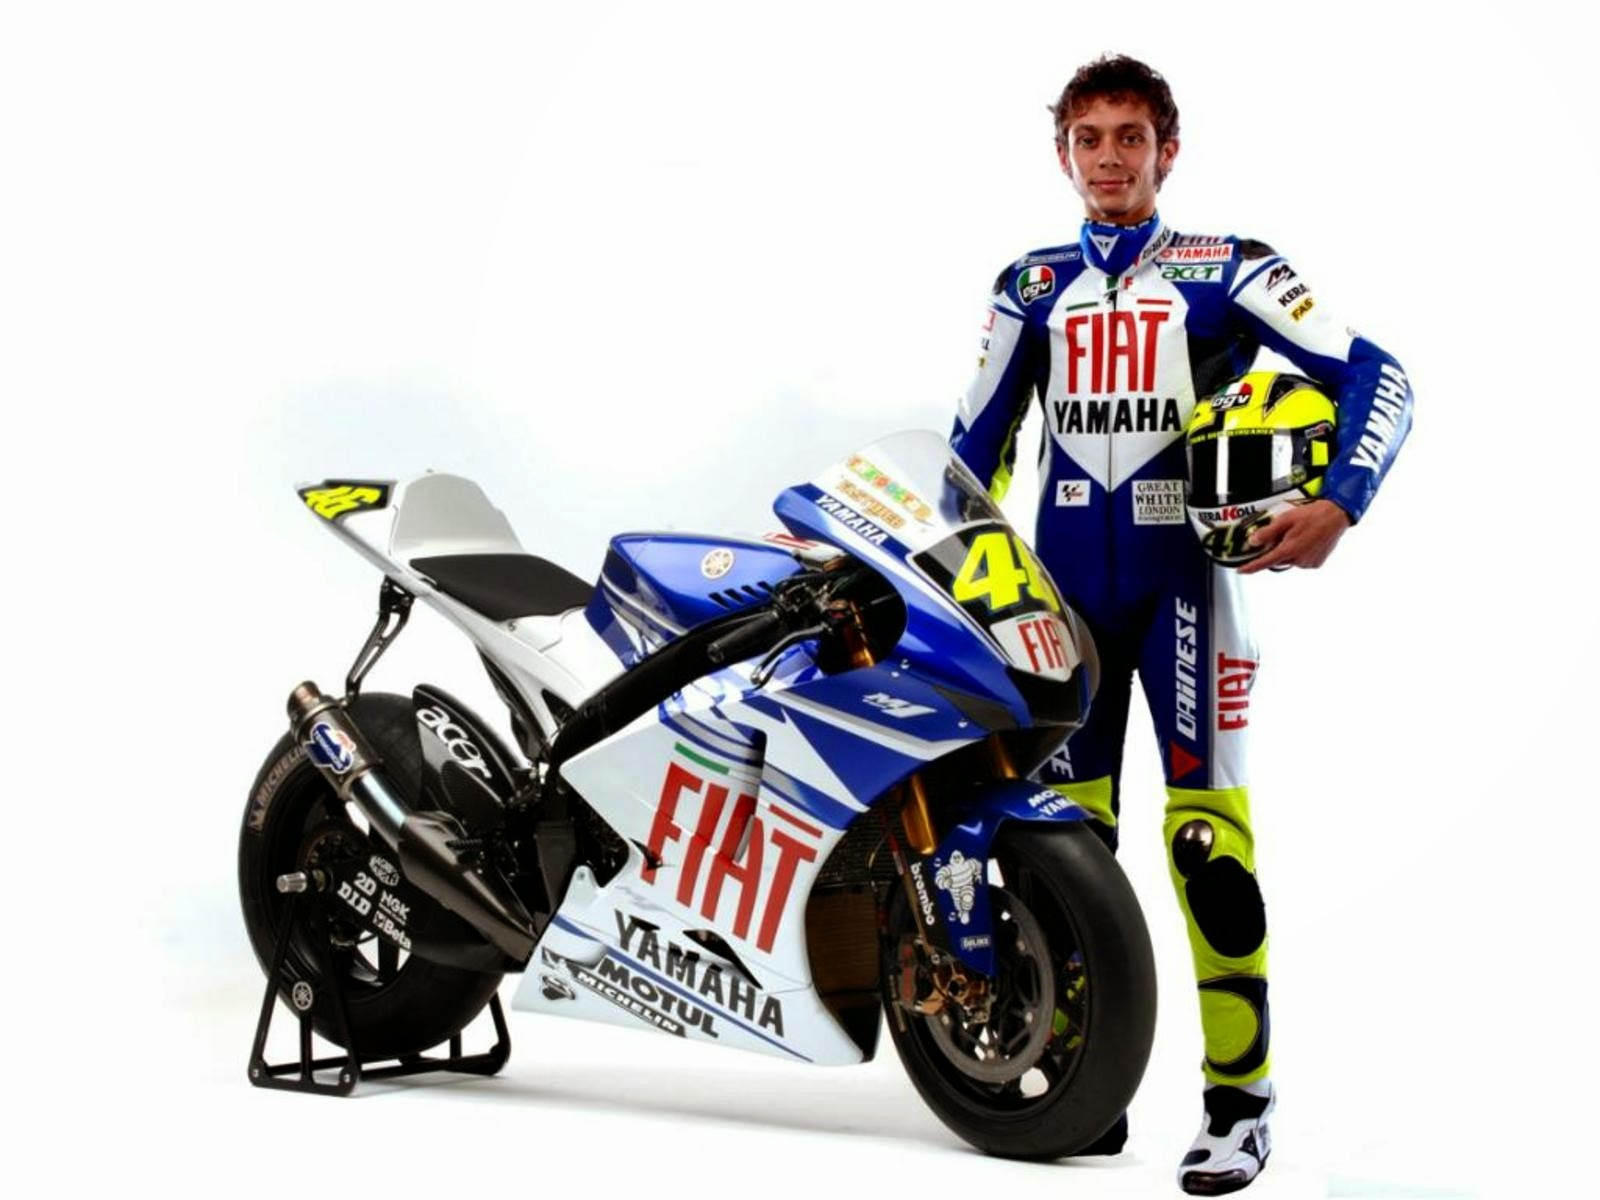 Biodata Profil Dan Foto Valentino Rossi Lengkap